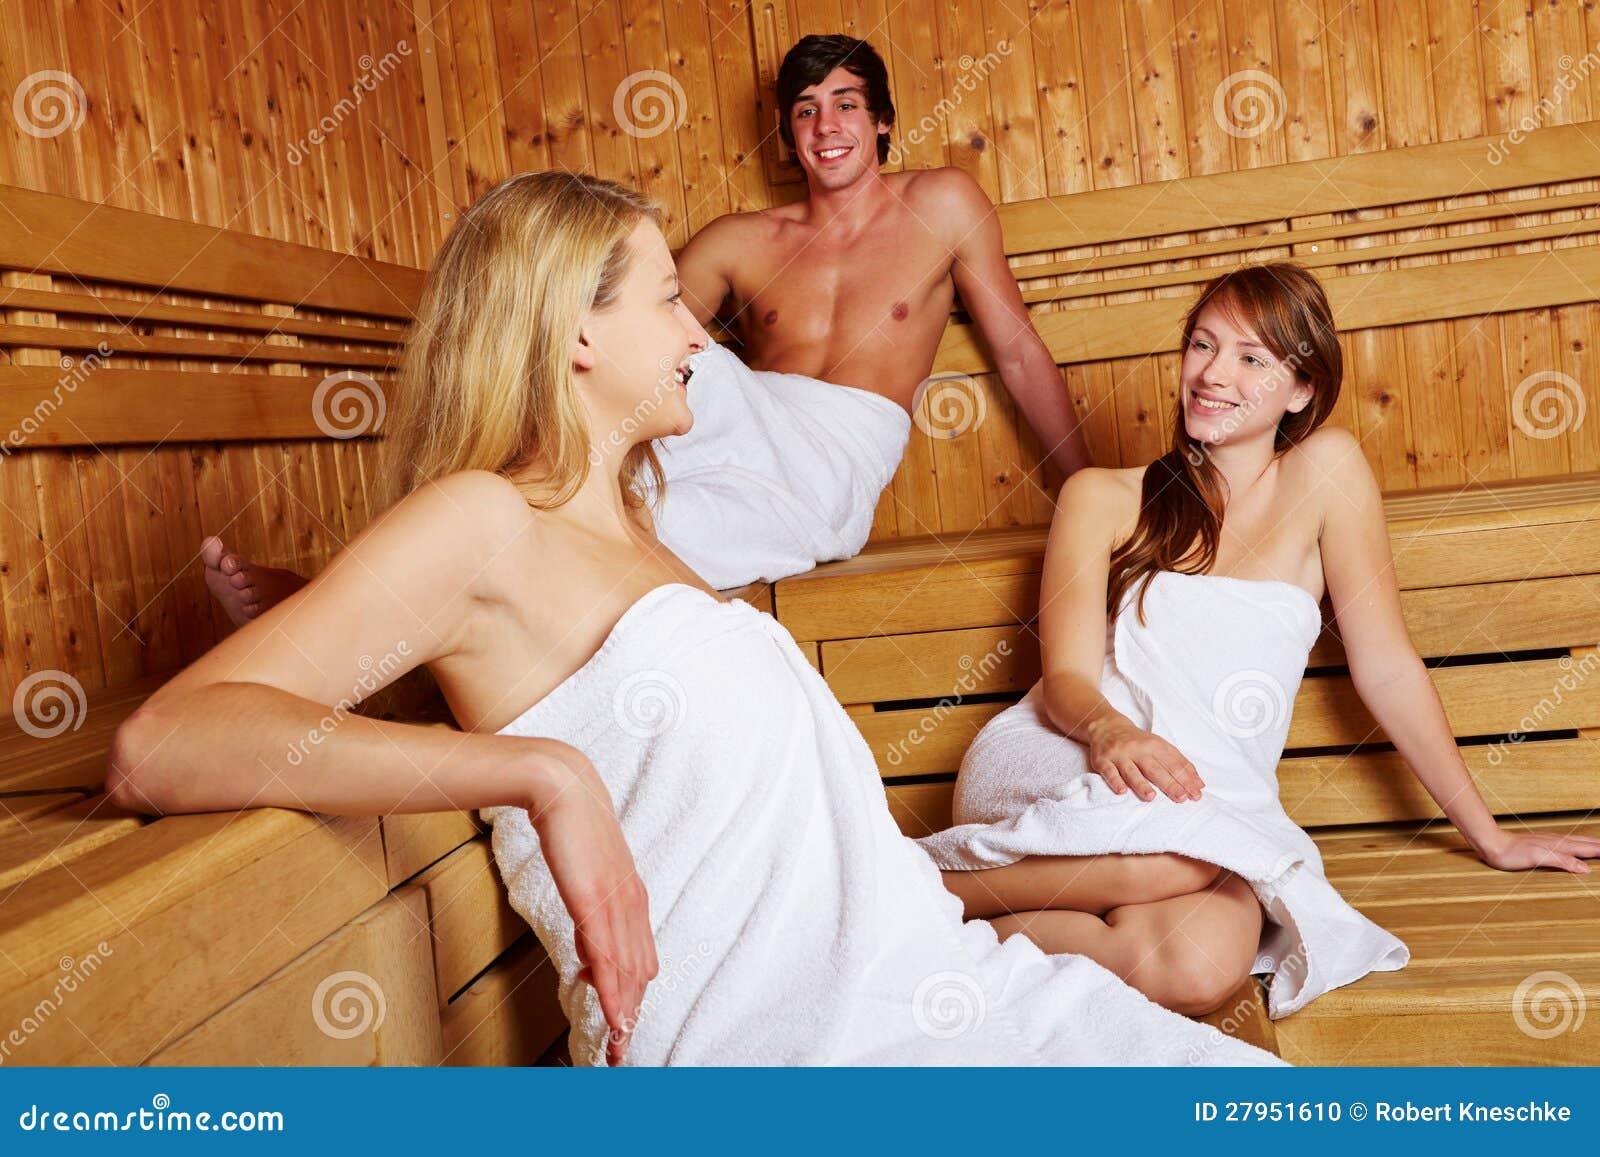 Фото русские семейные пары в бане, Наш семейный поход в баню (16 фото) 21 фотография